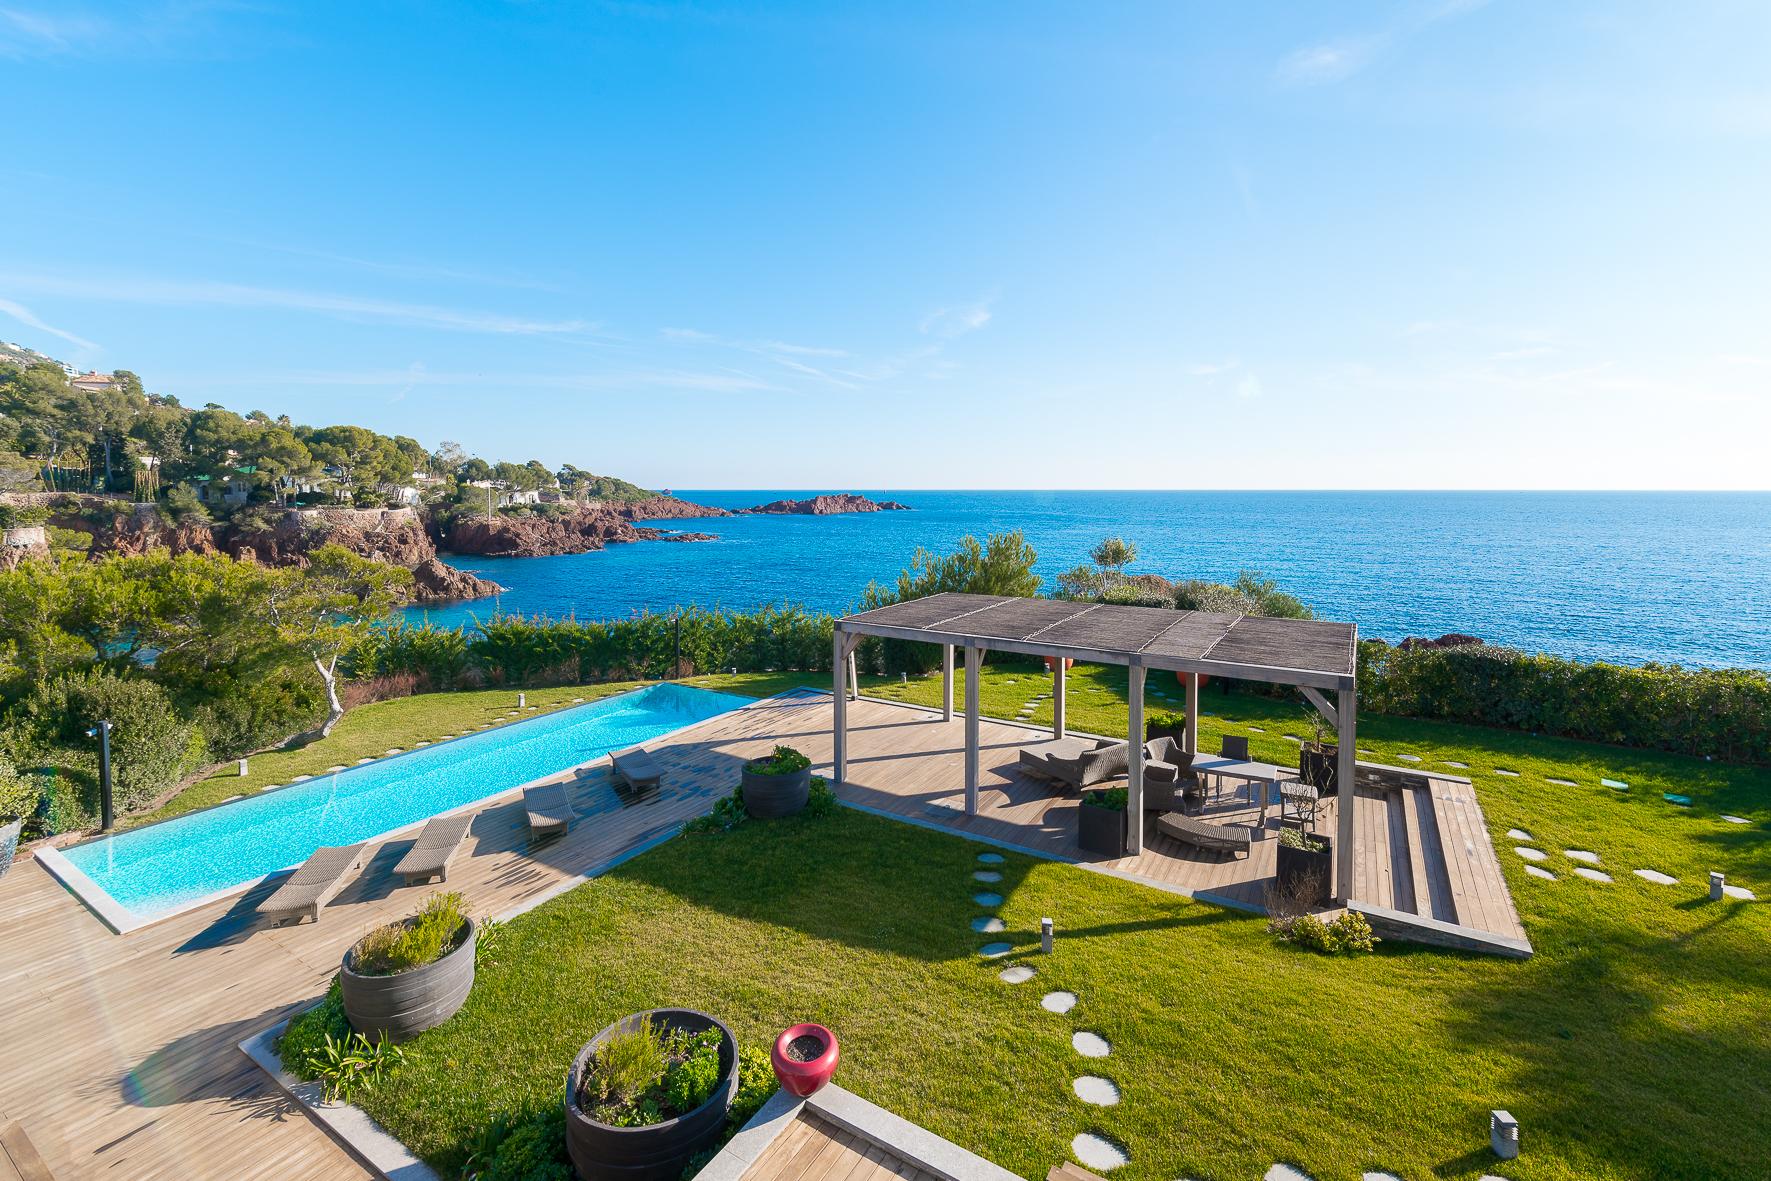 Cannes och Saint-Tropez på Rivieran – Magrey & Sons